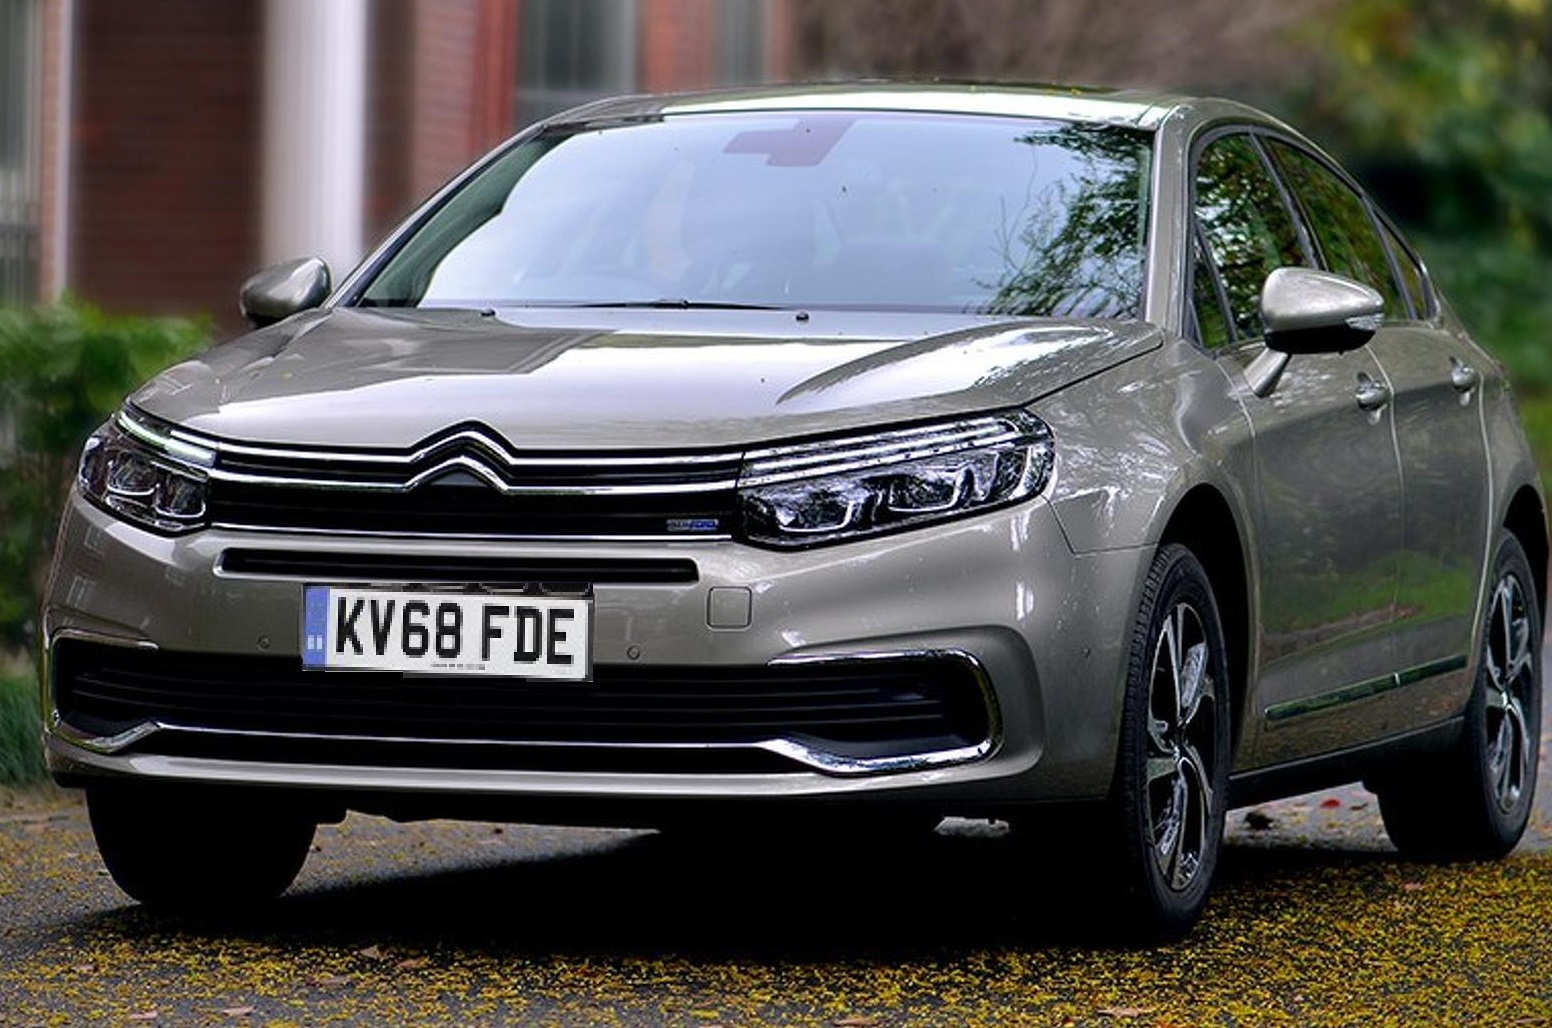 Citroen Araçların Haziran 2019 Fiyat Listesi Güncellendi